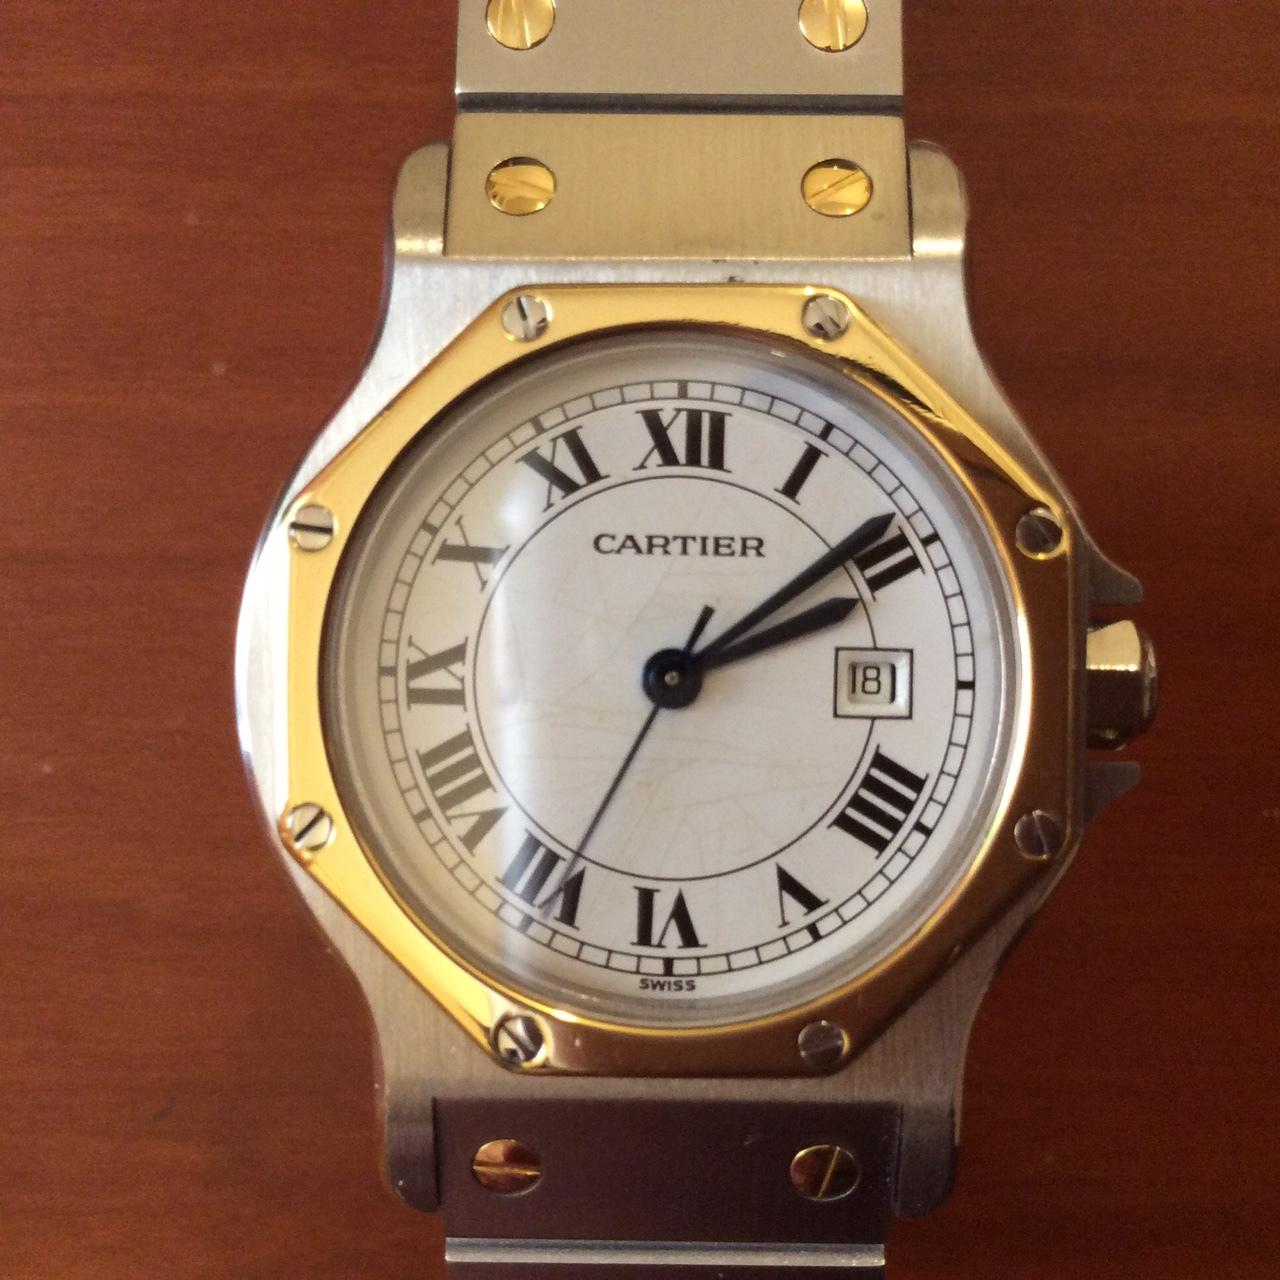 1dd937692c カルティエ」の高級時計「サントス」の中古品を定価の8割引で入手して ...